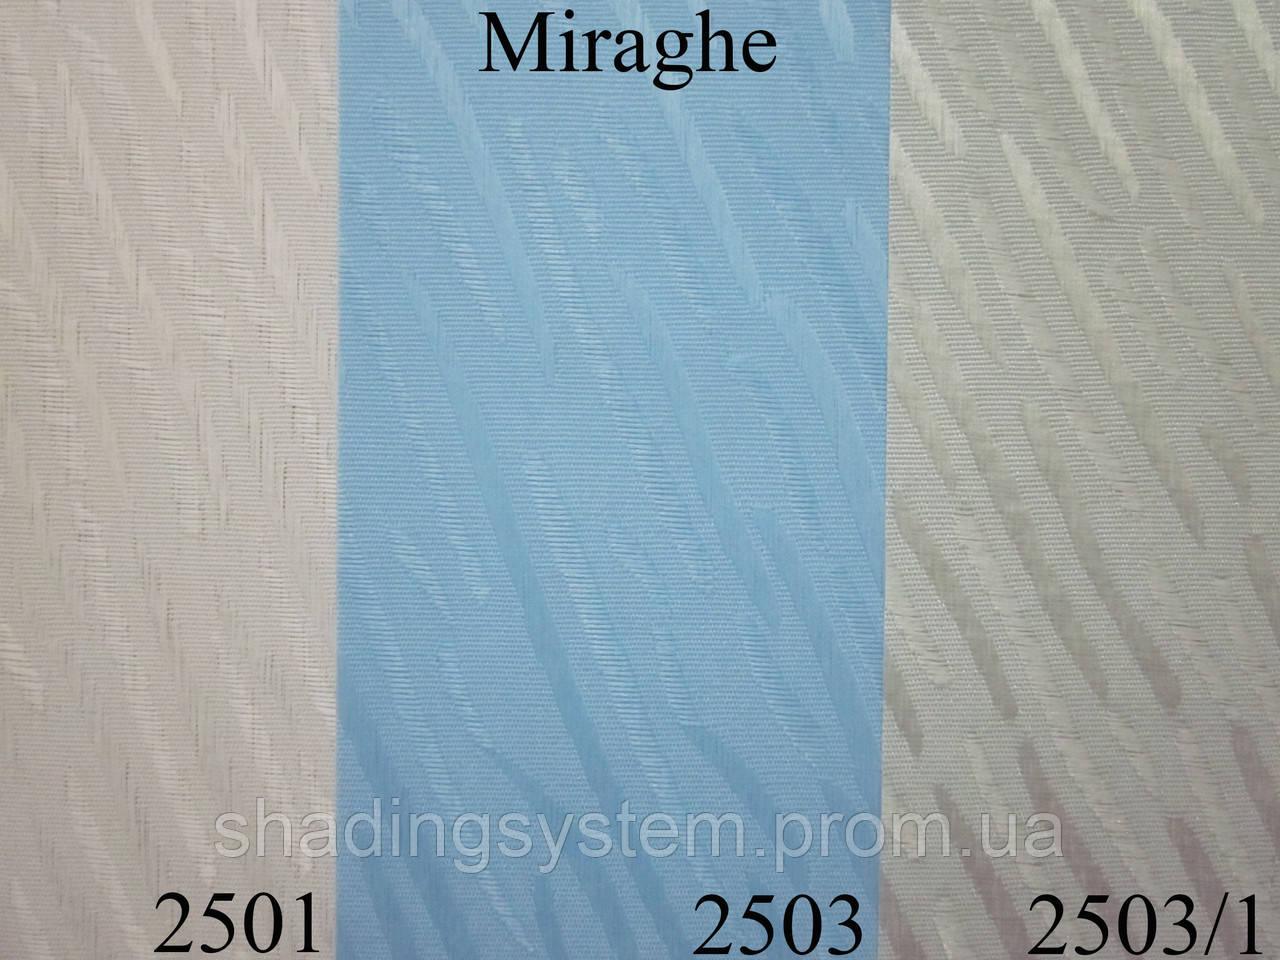 Жалюзи вертикальные Miraghe, фото 1